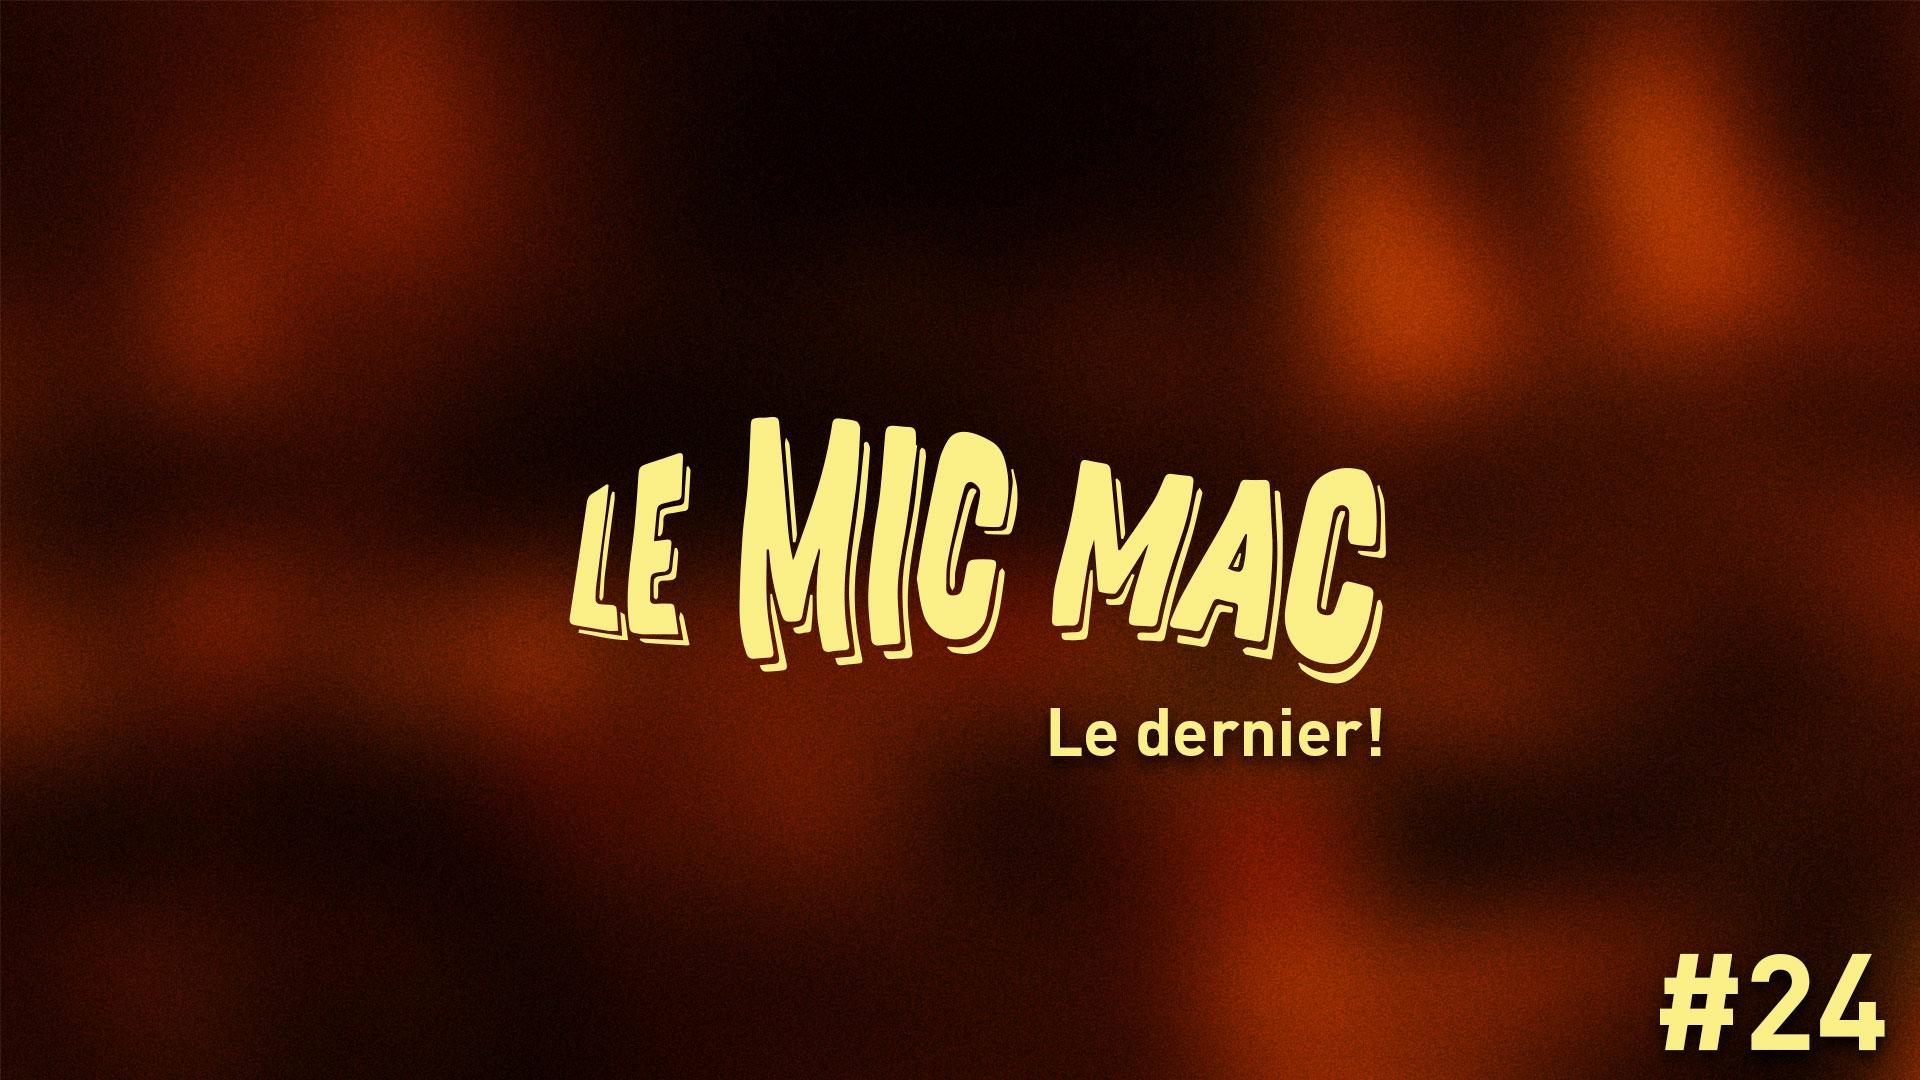 Au Tour du Mic – Mic Mac #24 (le dernier) : 05/11/2019 au 14/12/2019